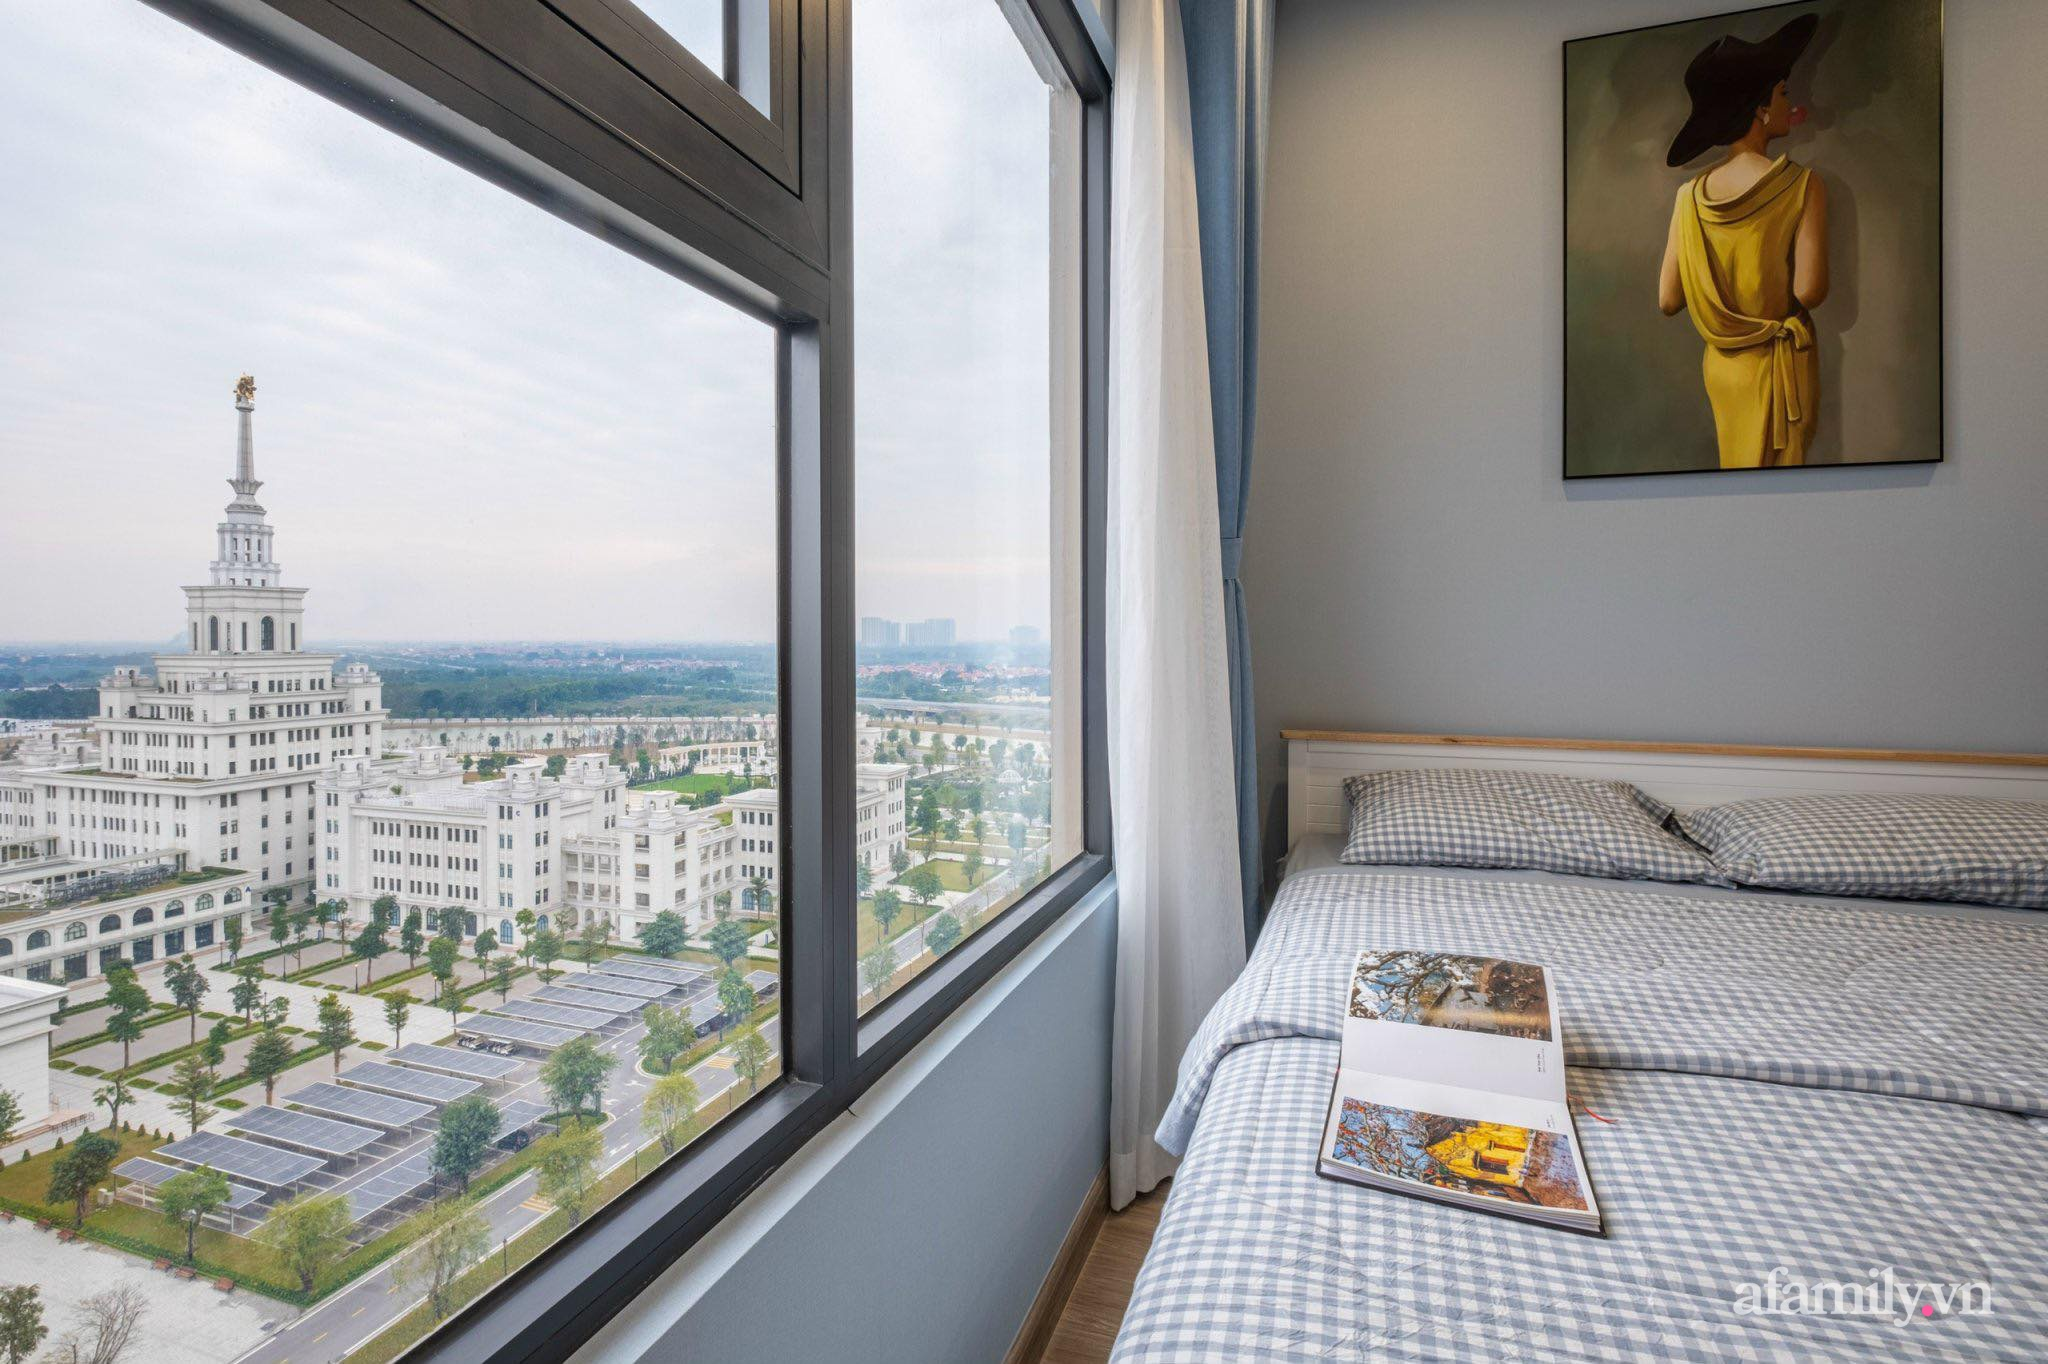 """Căn hộ ngoại ô 64m² có góc view """"siêu đỉnh"""" được decor bằng cả tâm huyết của người phụ nữ Hà Nội - Ảnh 7."""